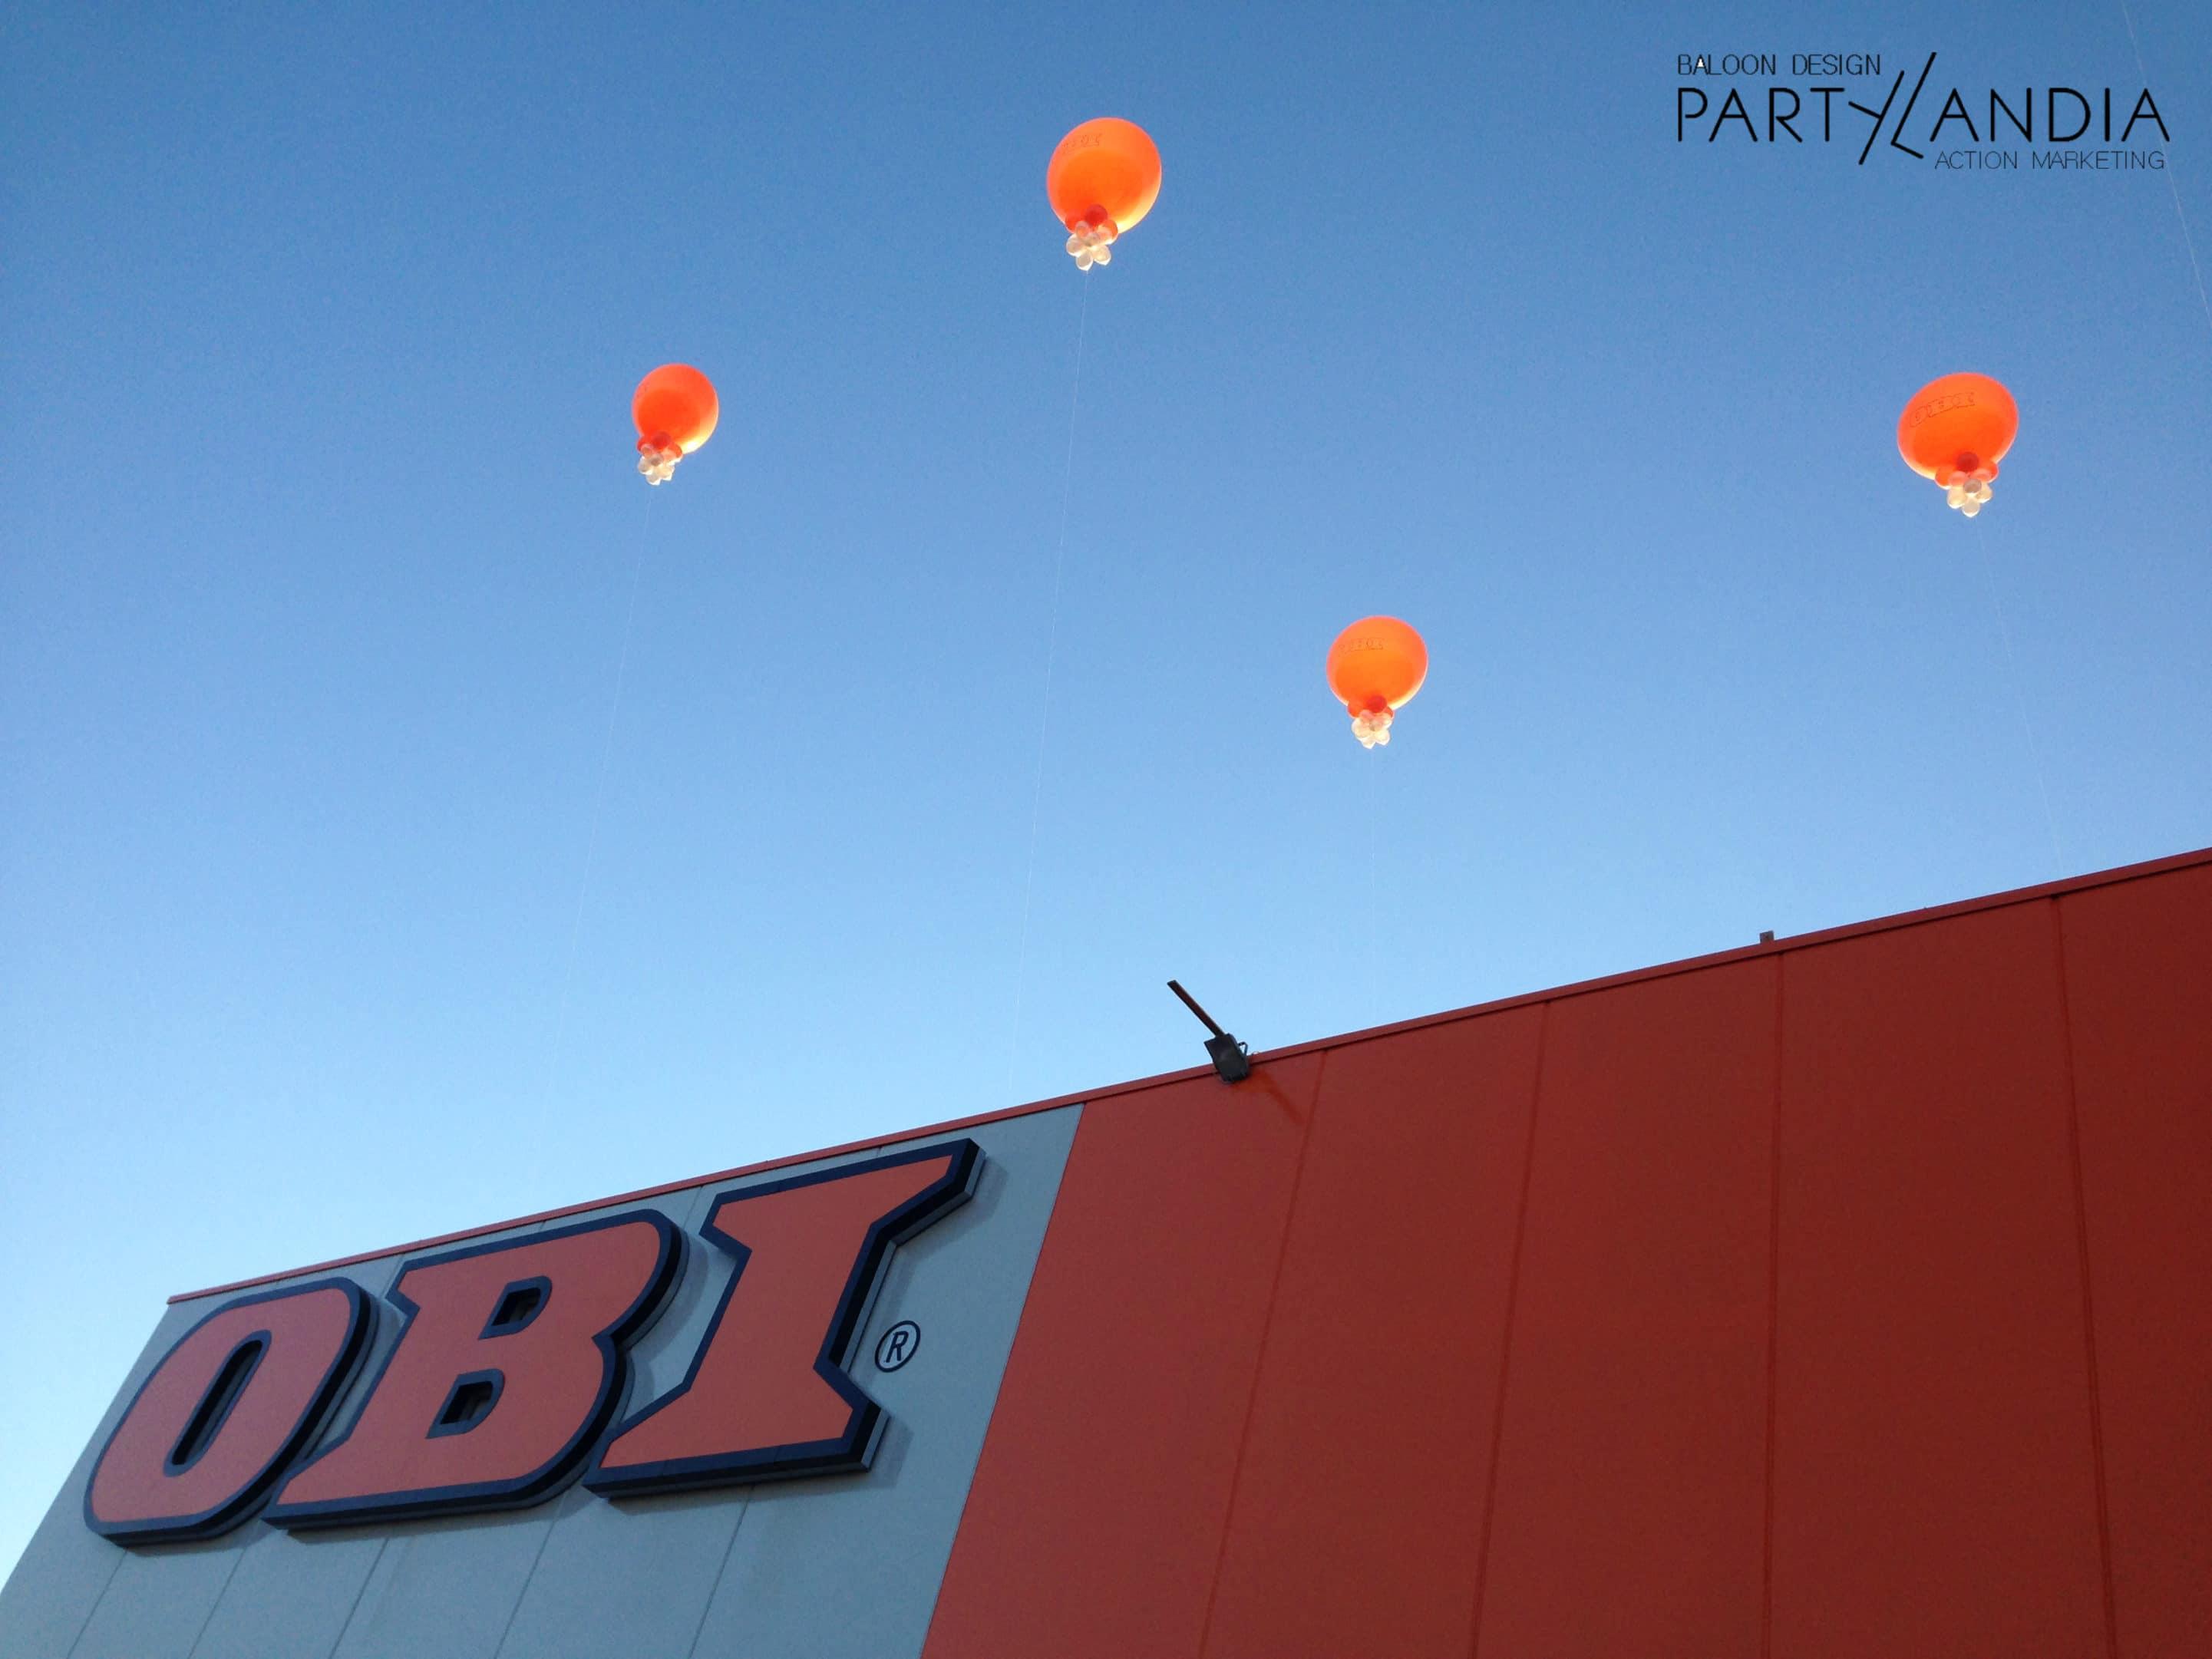 palloni giganti sul tetto per inaugurazioni